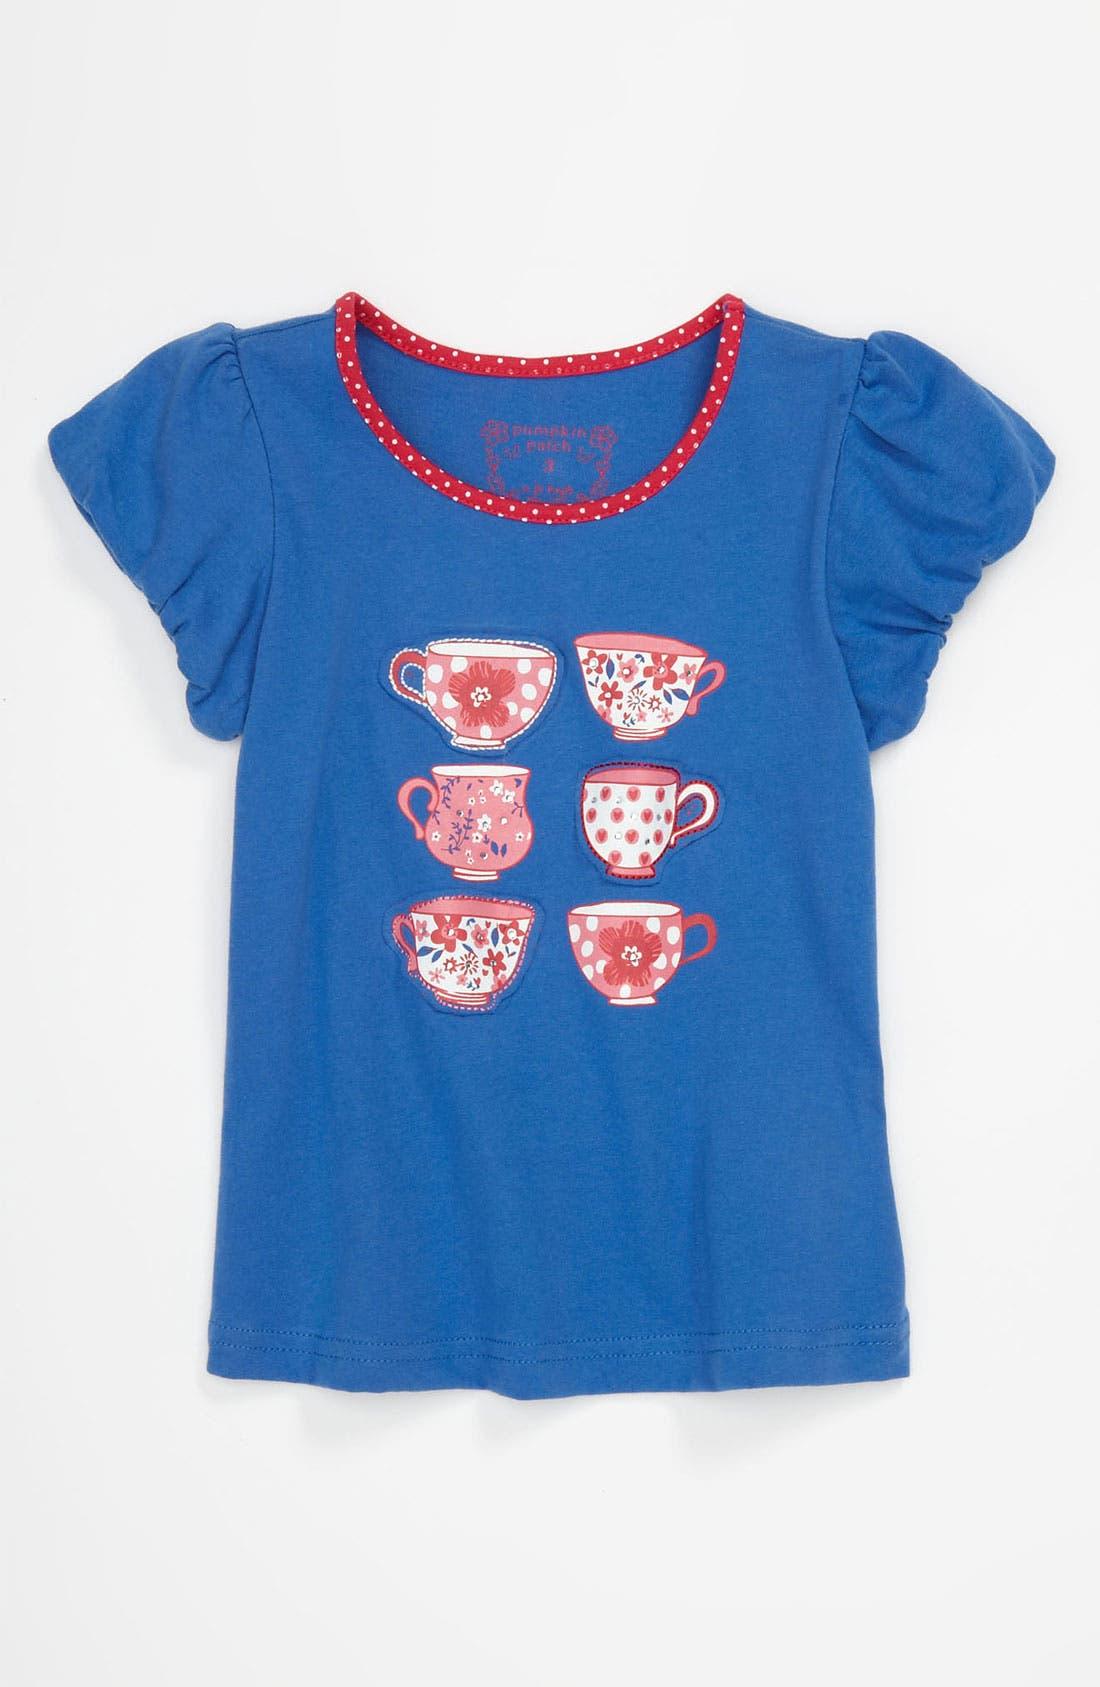 Main Image - Pumpkin Patch 'Teacup' Shirt (Toddler)